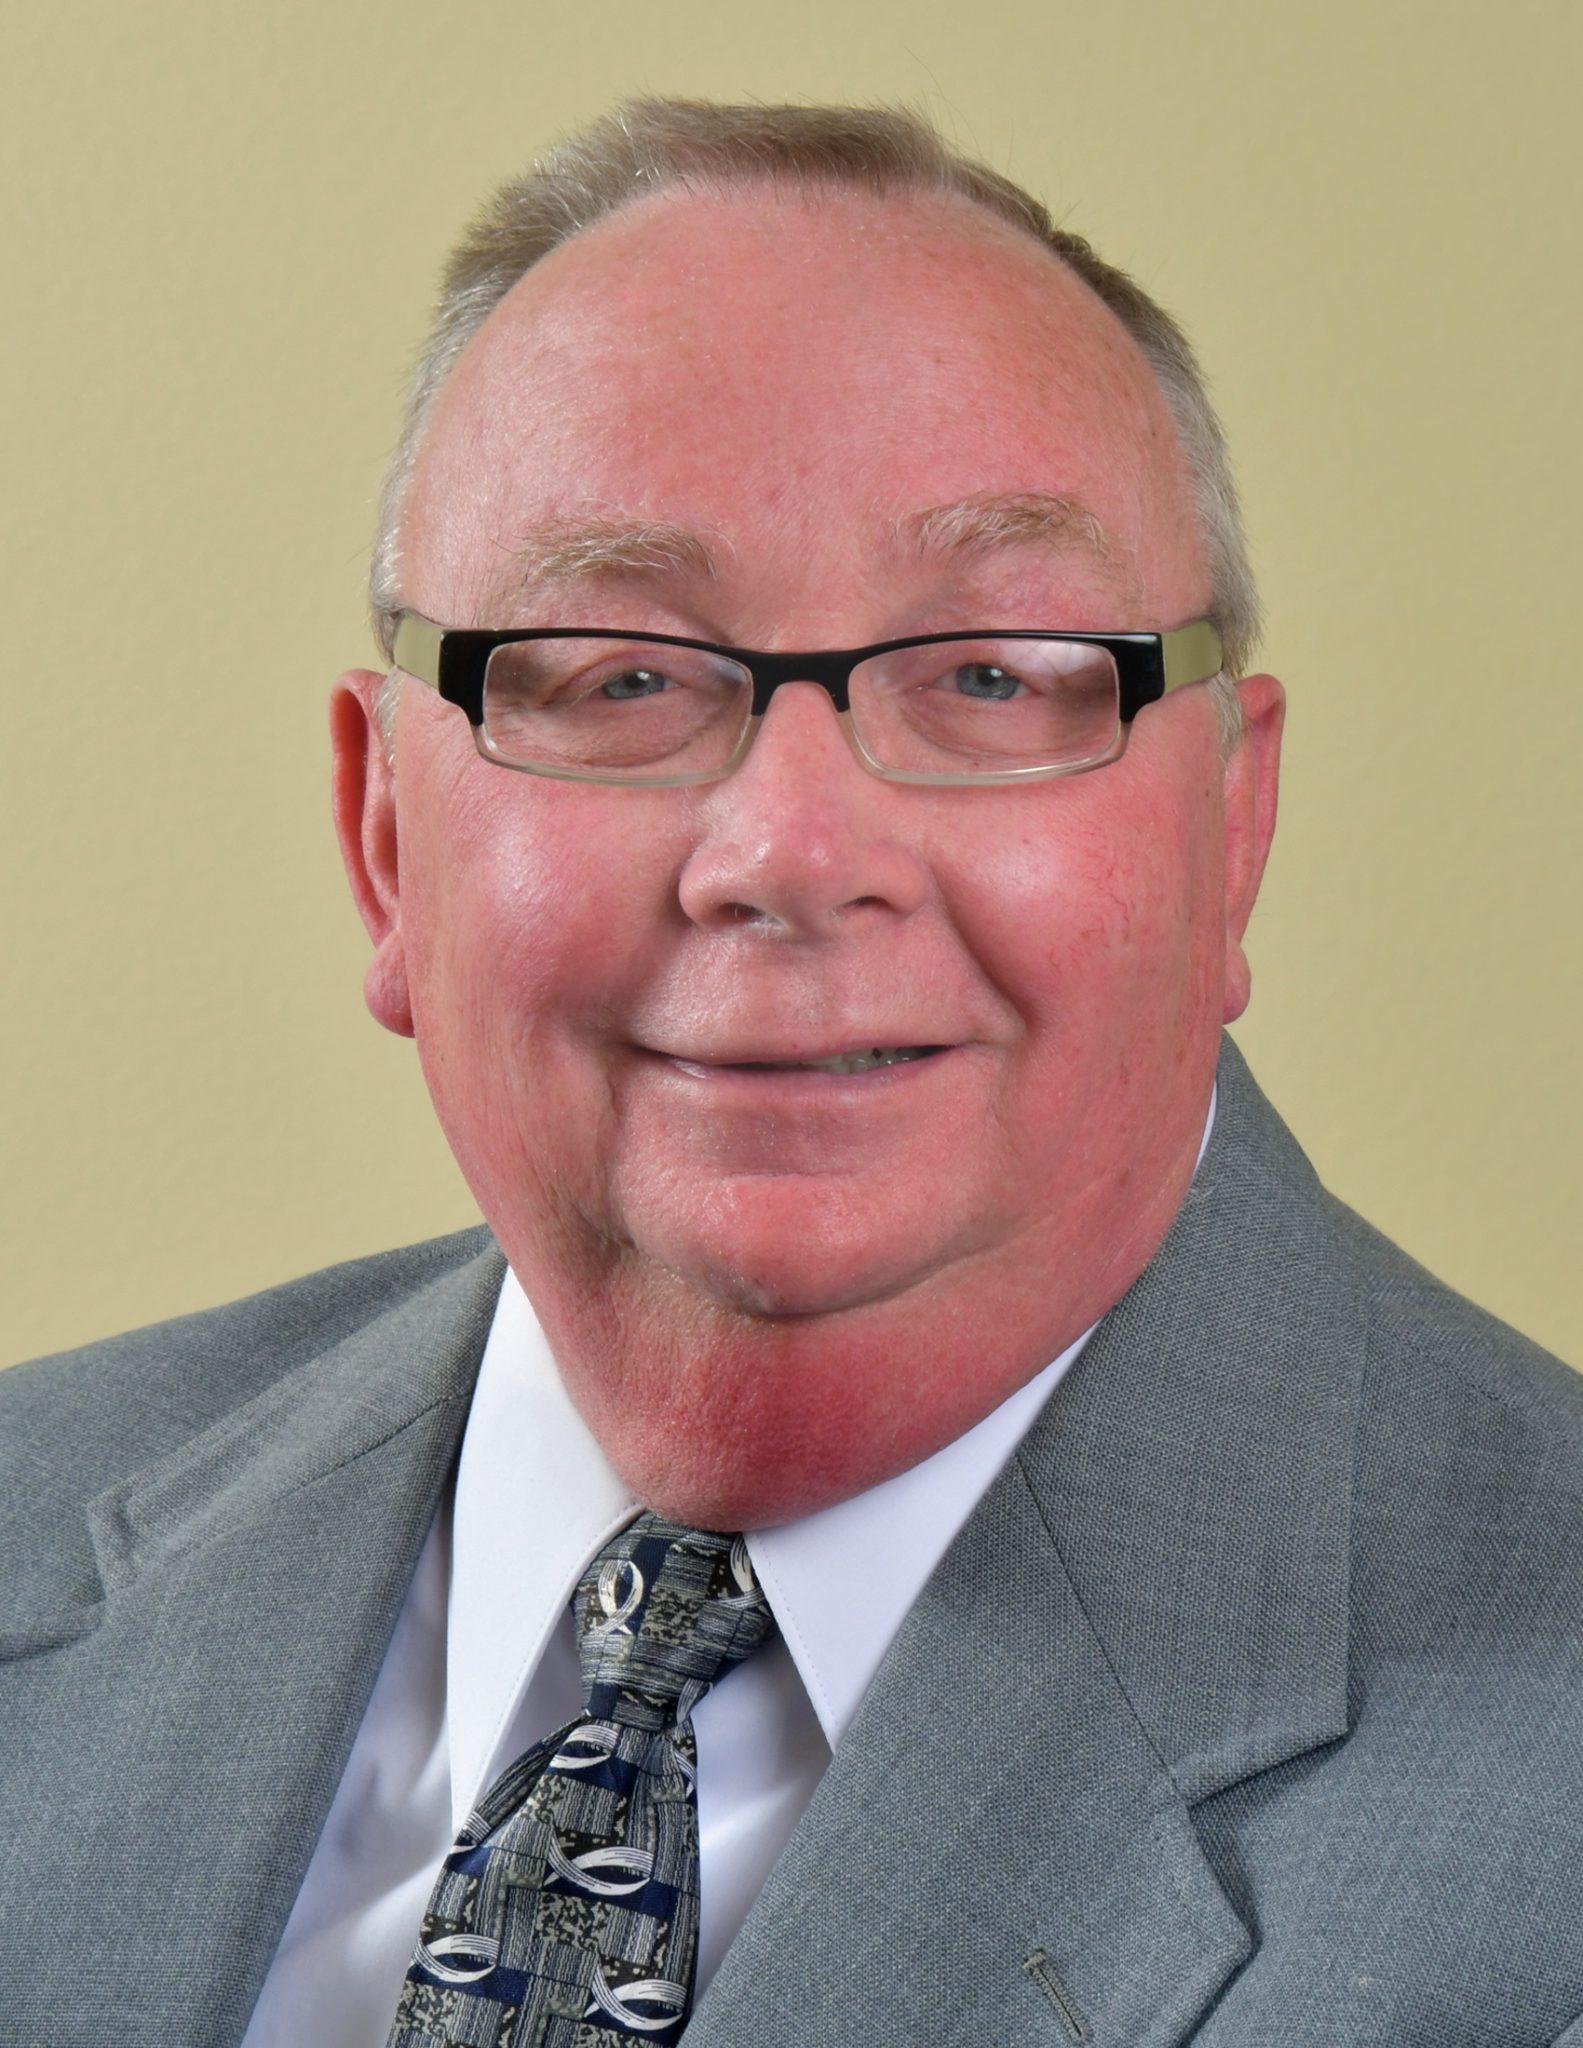 Rev. Steve Benson